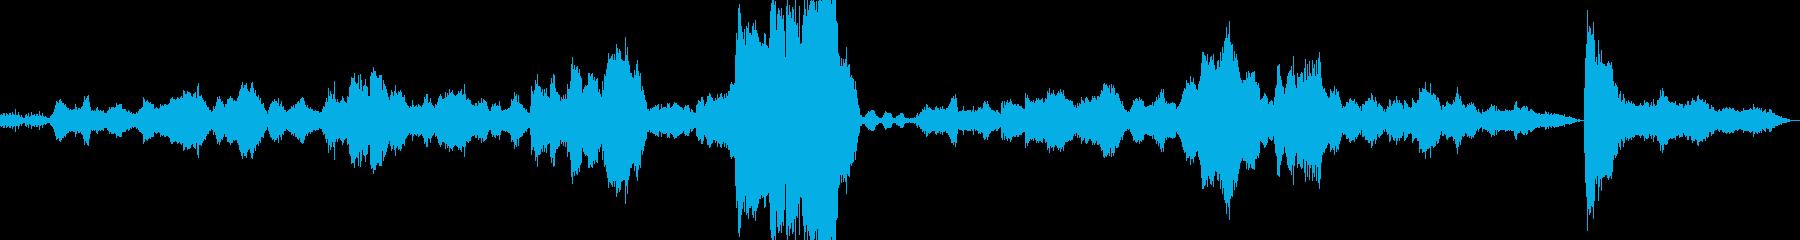 タイスの瞑想曲 マスネの再生済みの波形